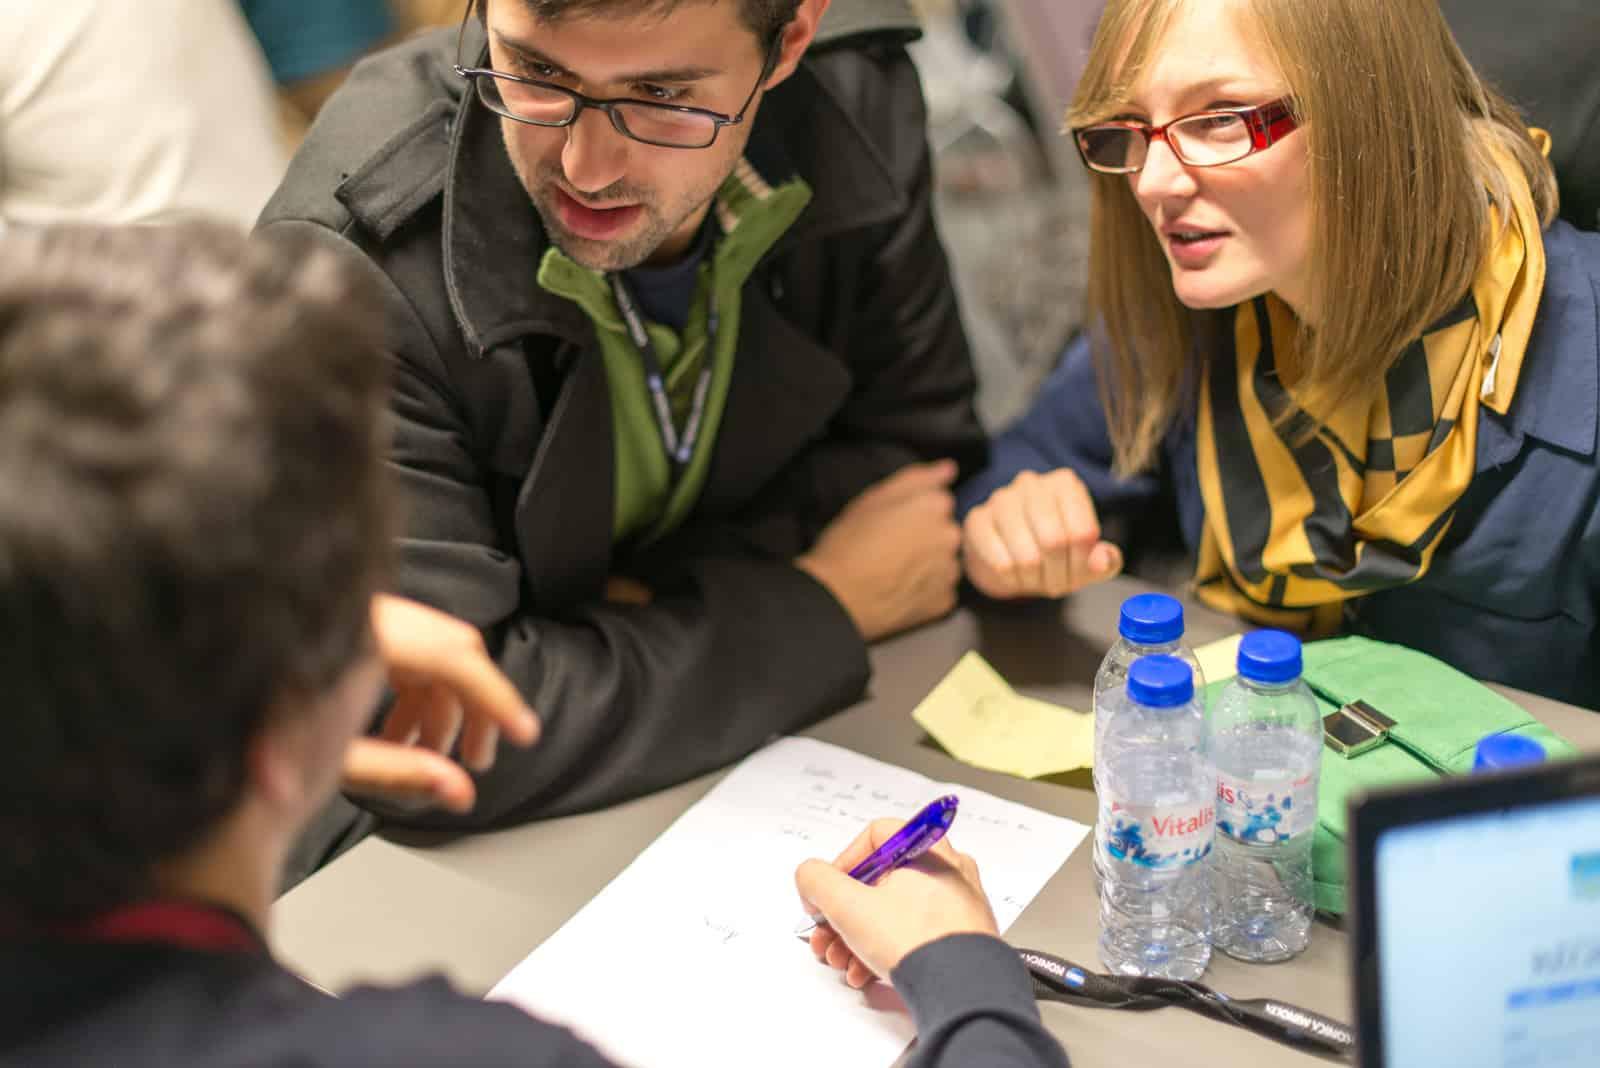 Indíts vállalkozást: 103. ötlet – Gazdagmami fiatalokra szabva